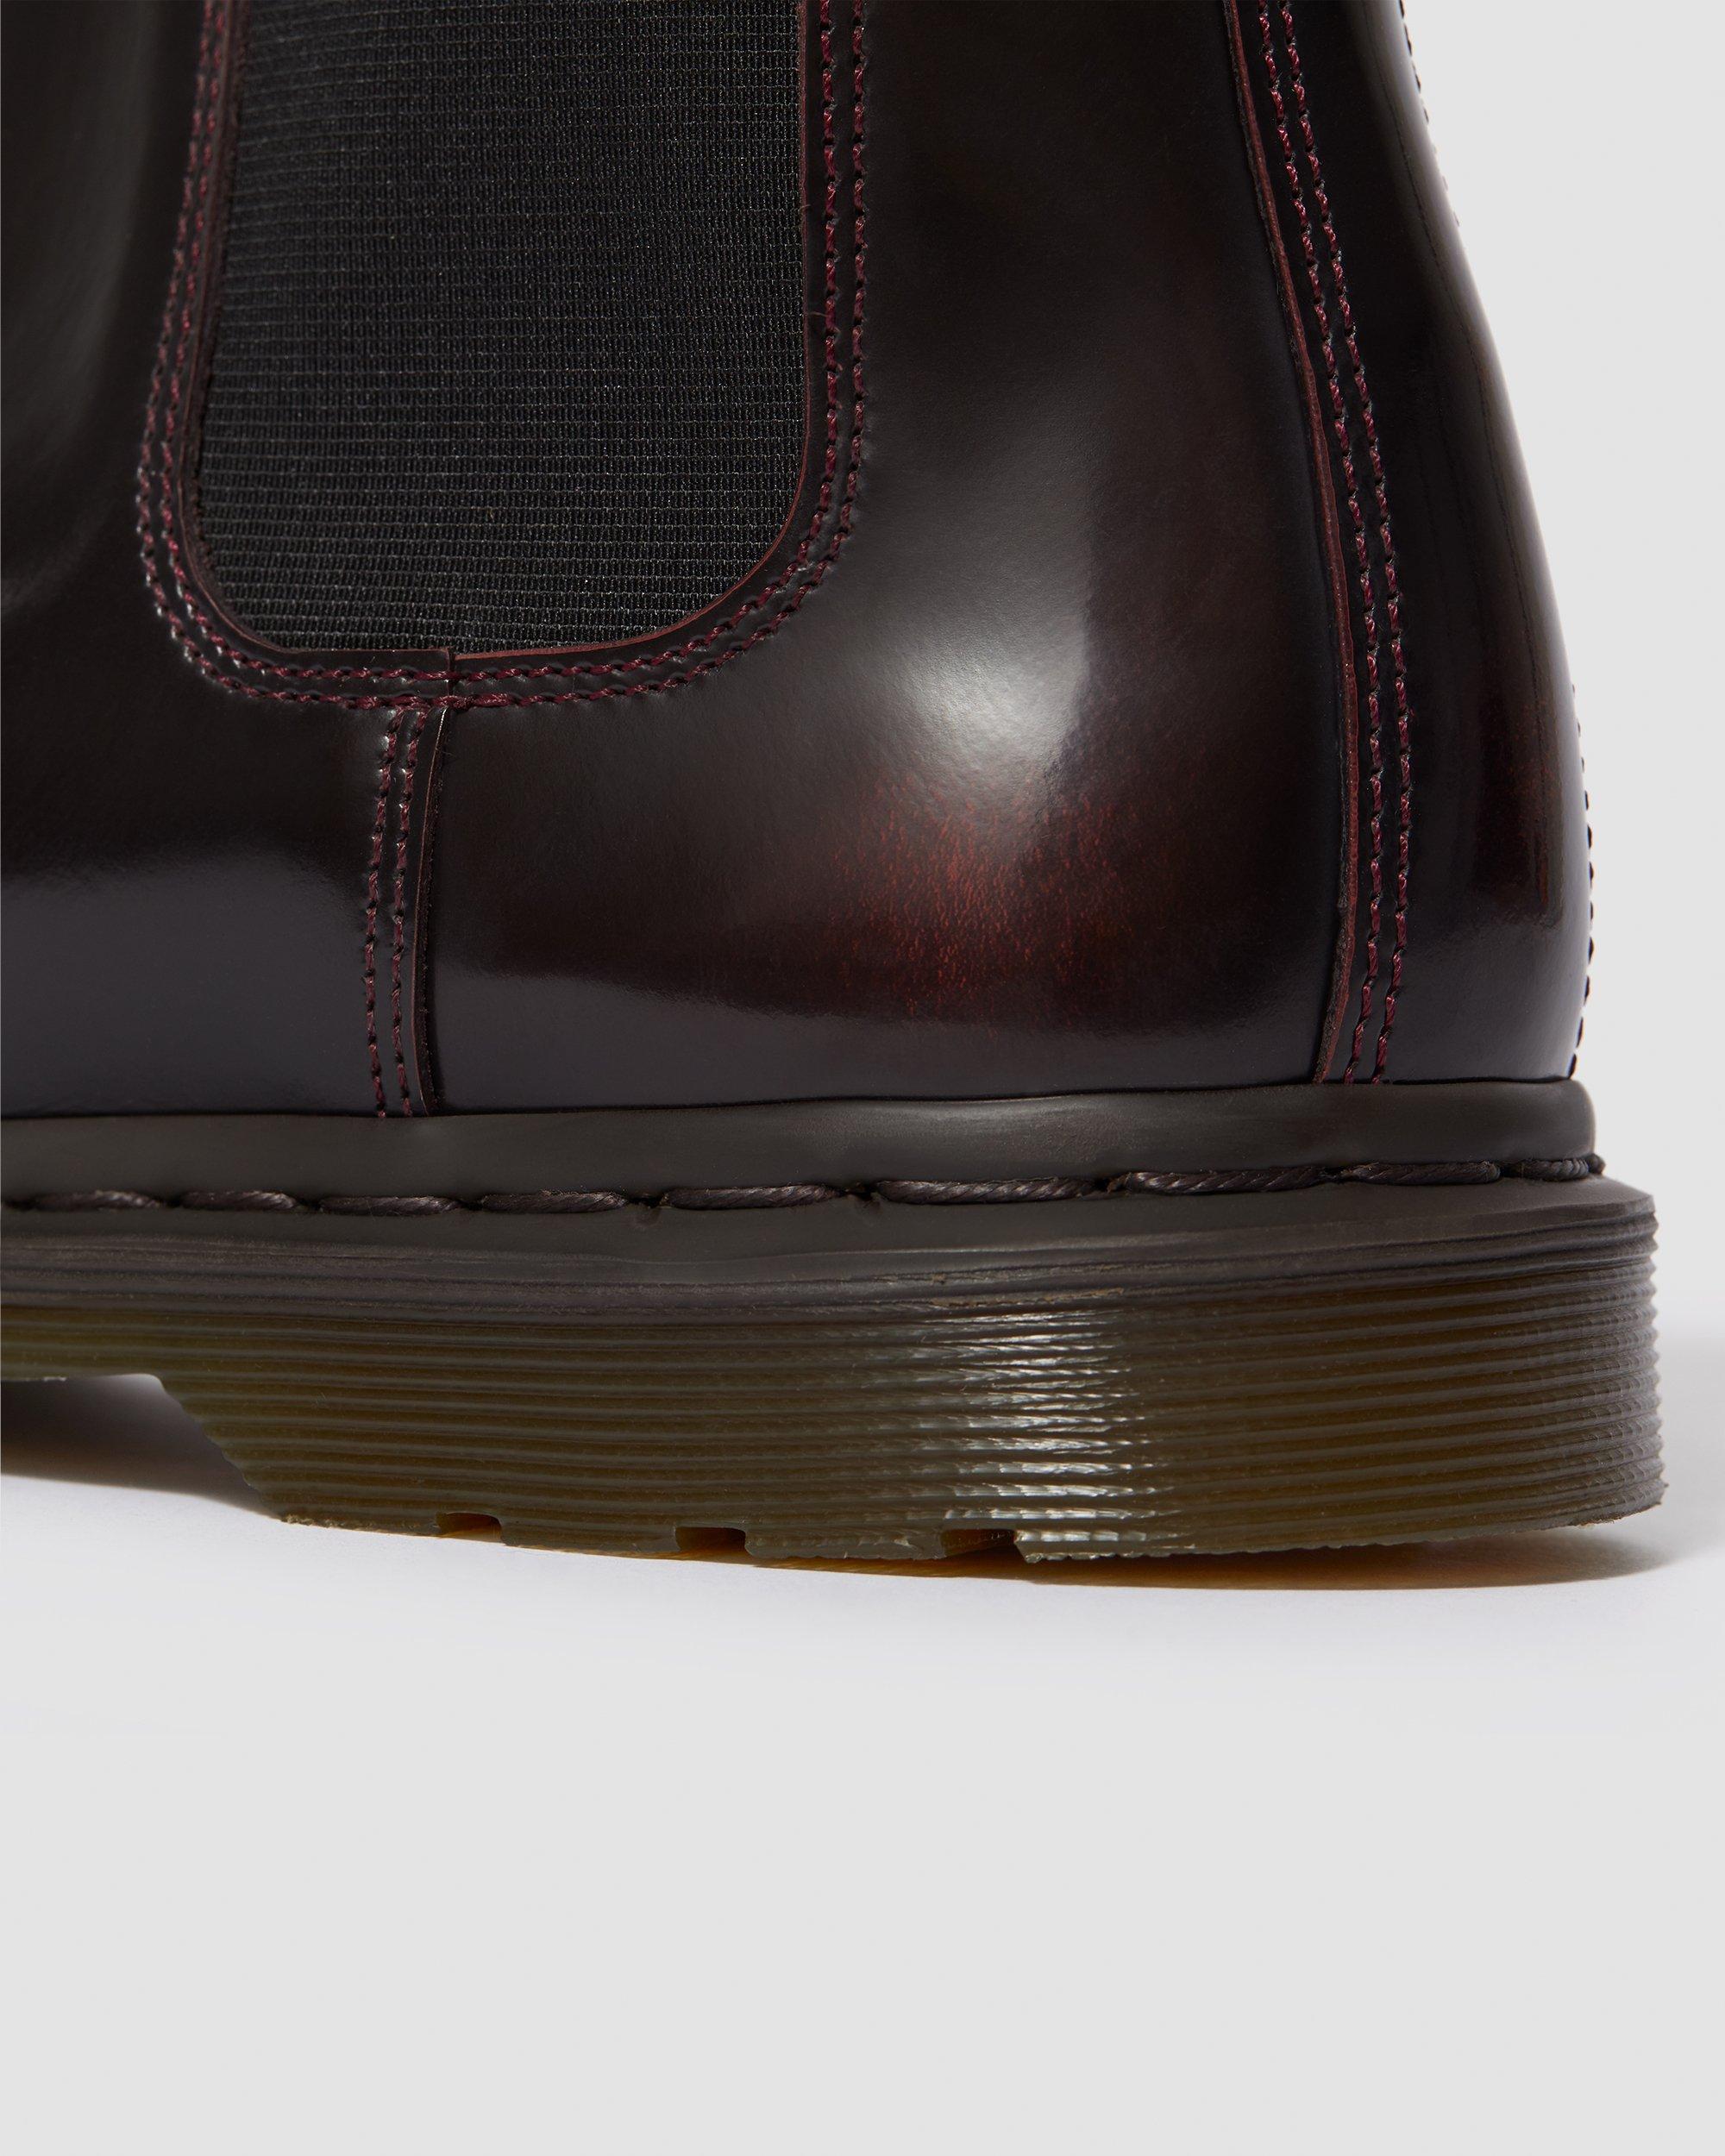 dr martens graeme chelsea boots